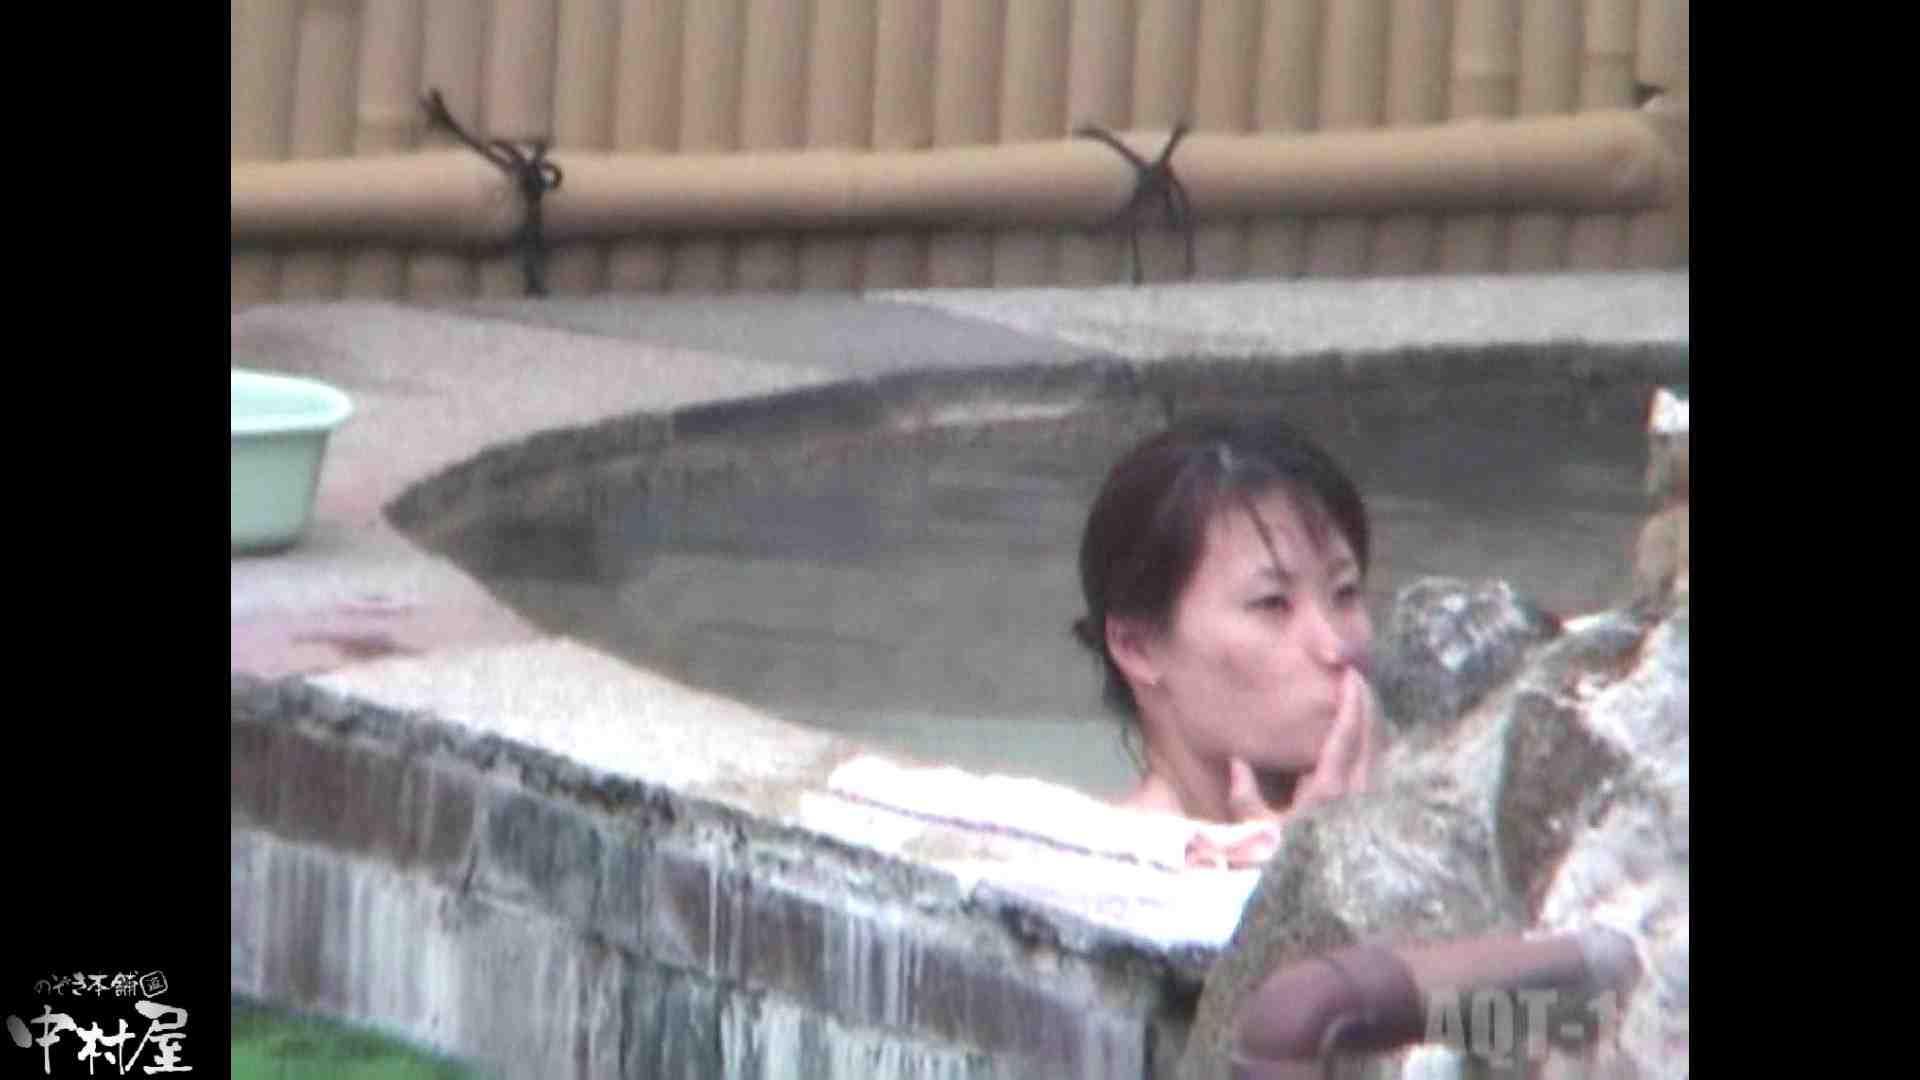 Aquaな露天風呂Vol.878潜入盗撮露天風呂十四判湯 其の三 盗撮 隠し撮りオマンコ動画紹介 110画像 74